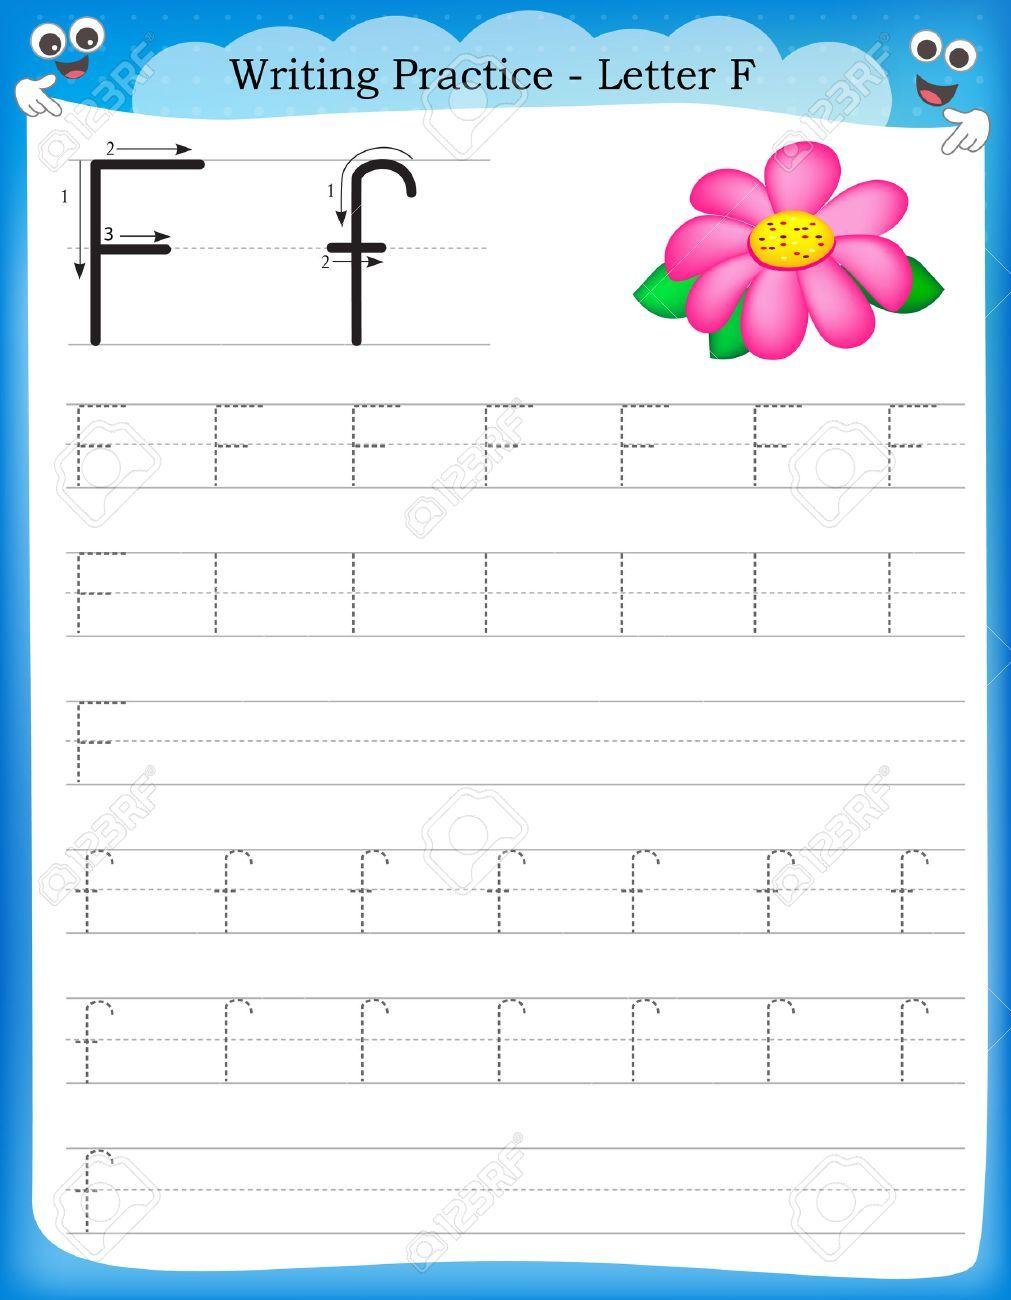 Práctica de escritura la letra F hoja de trabajo infantil para ...